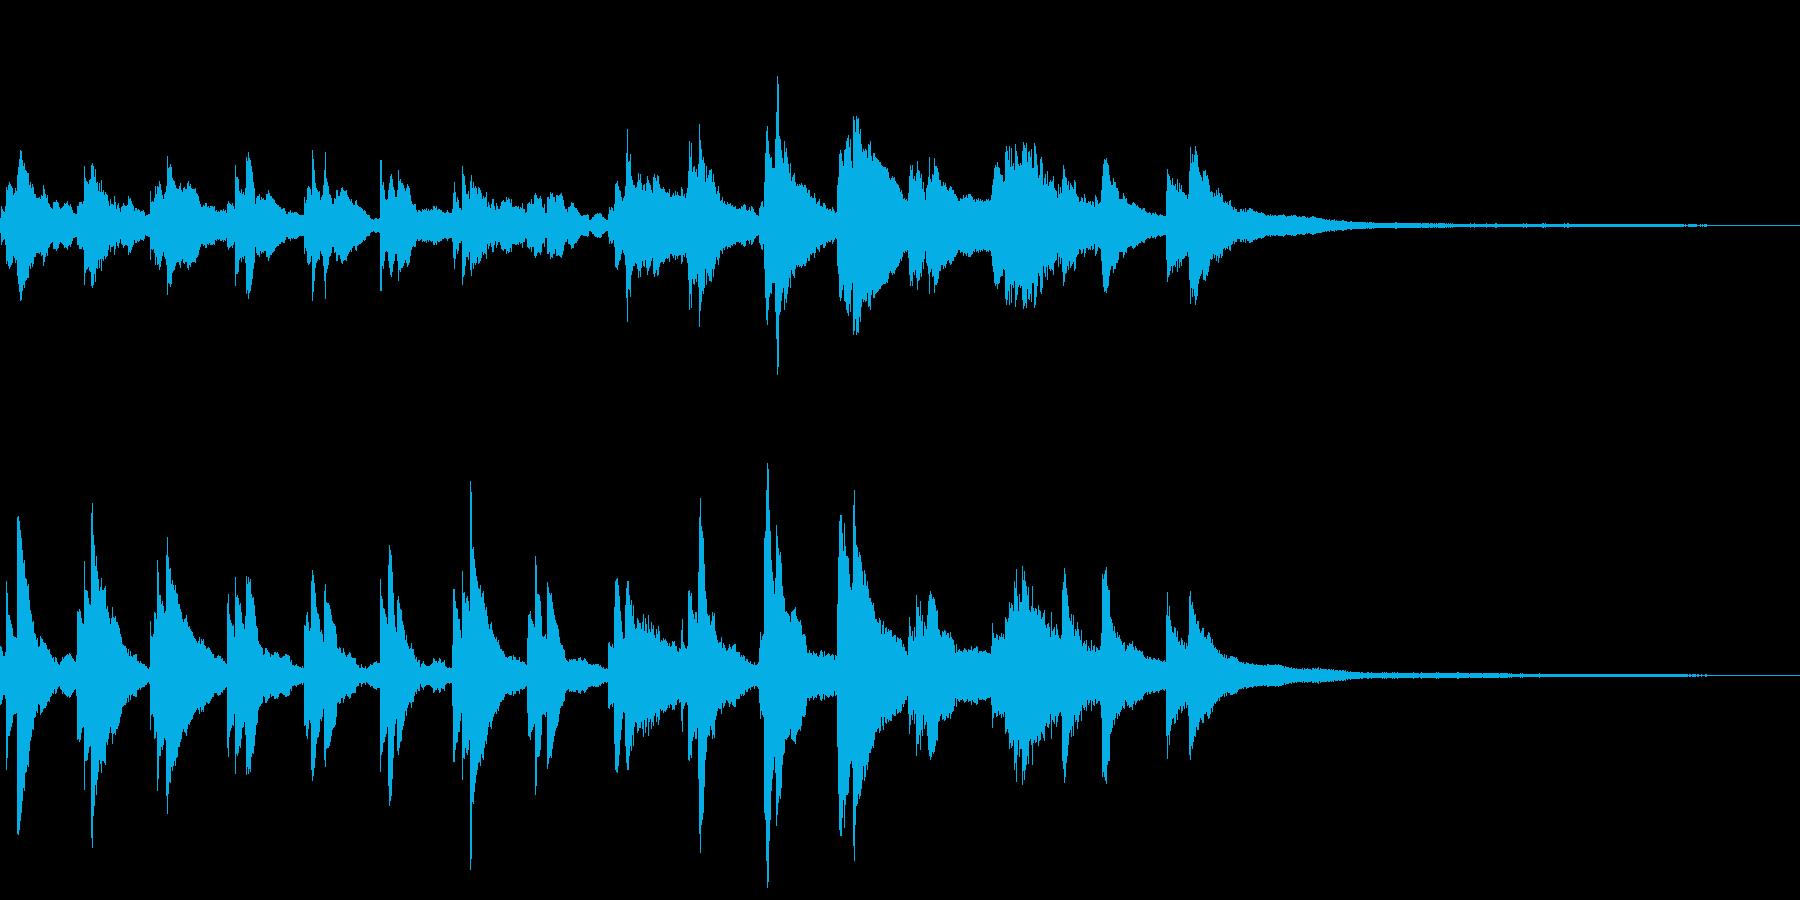 和風のジングル12-ピアノソロの再生済みの波形